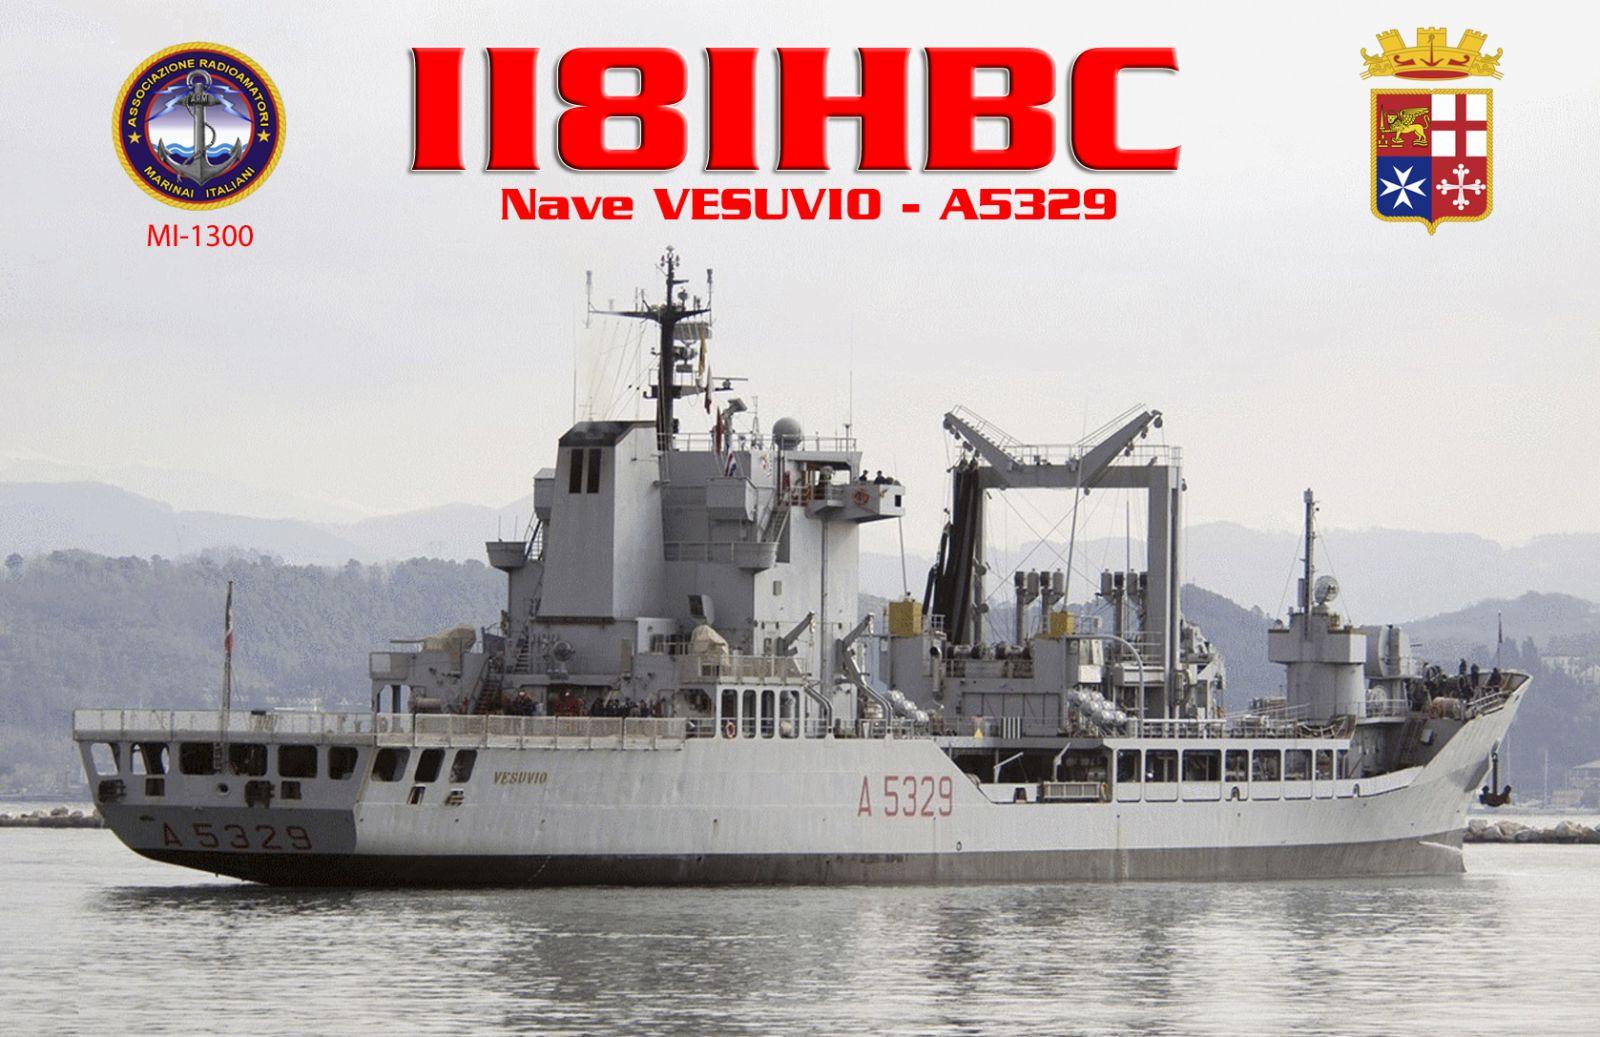 Primary Image for II8IHBC